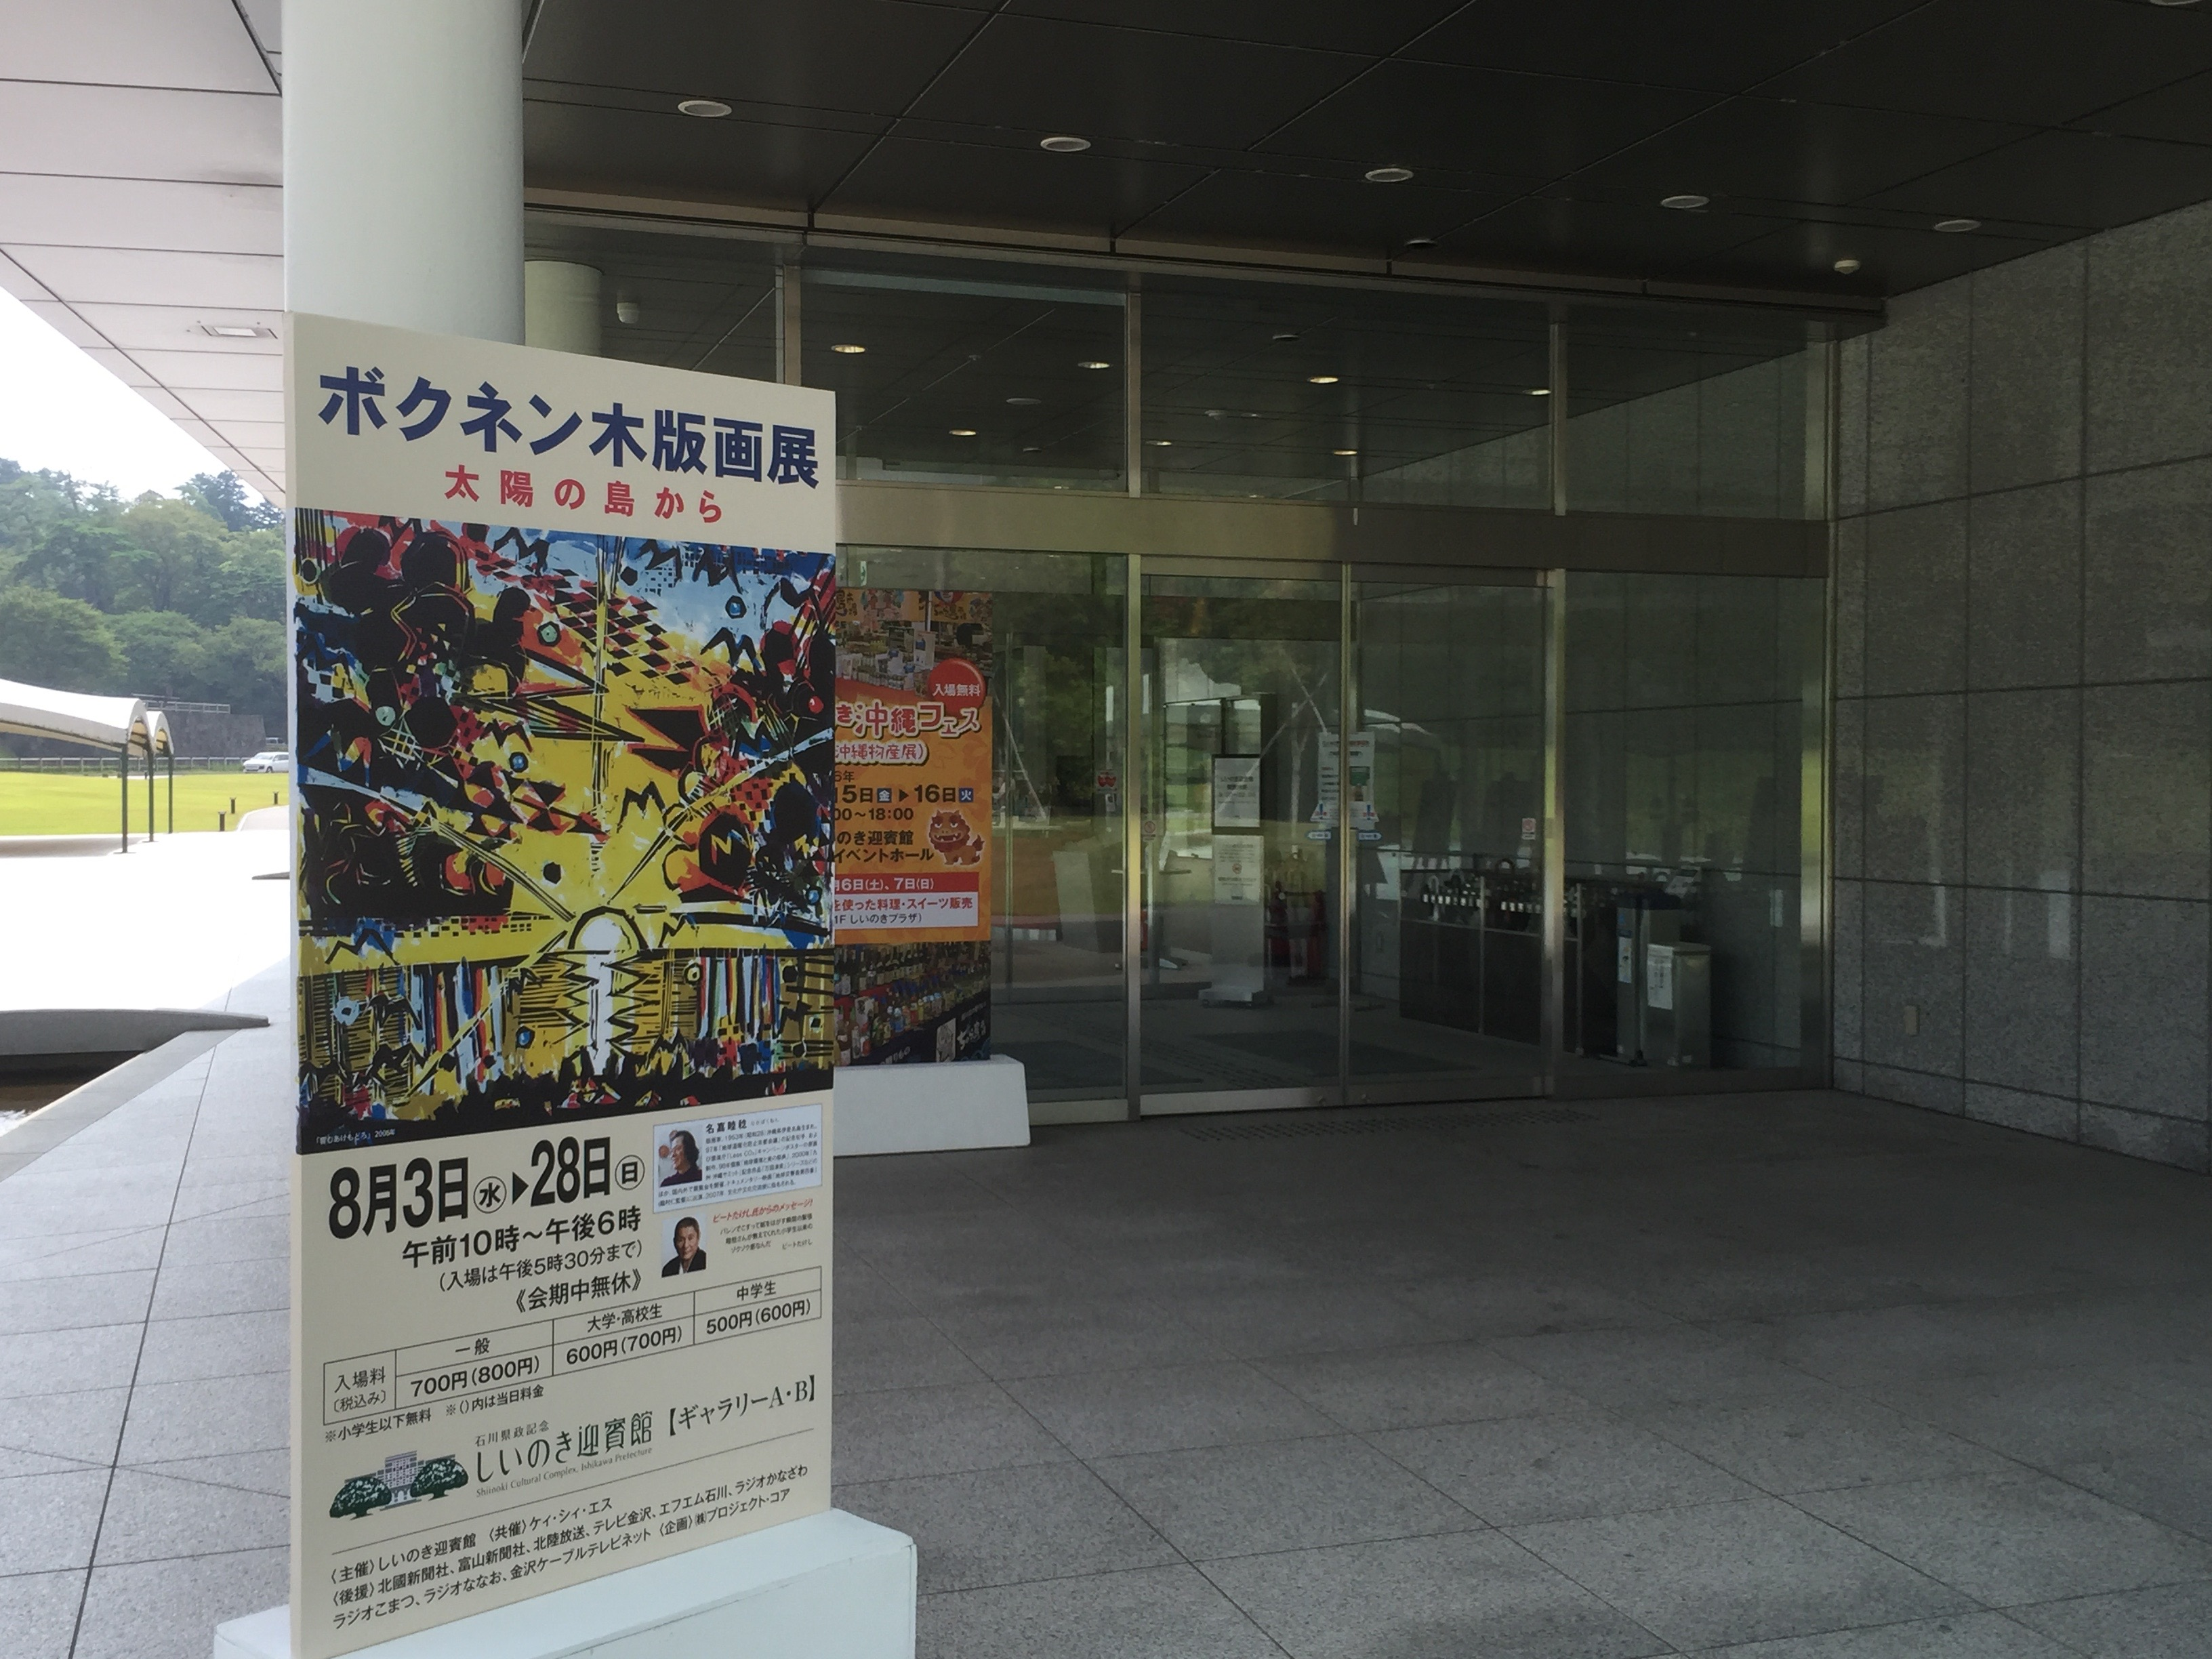 金沢市しいのき迎賓館でも「ボクネン展」開催。…